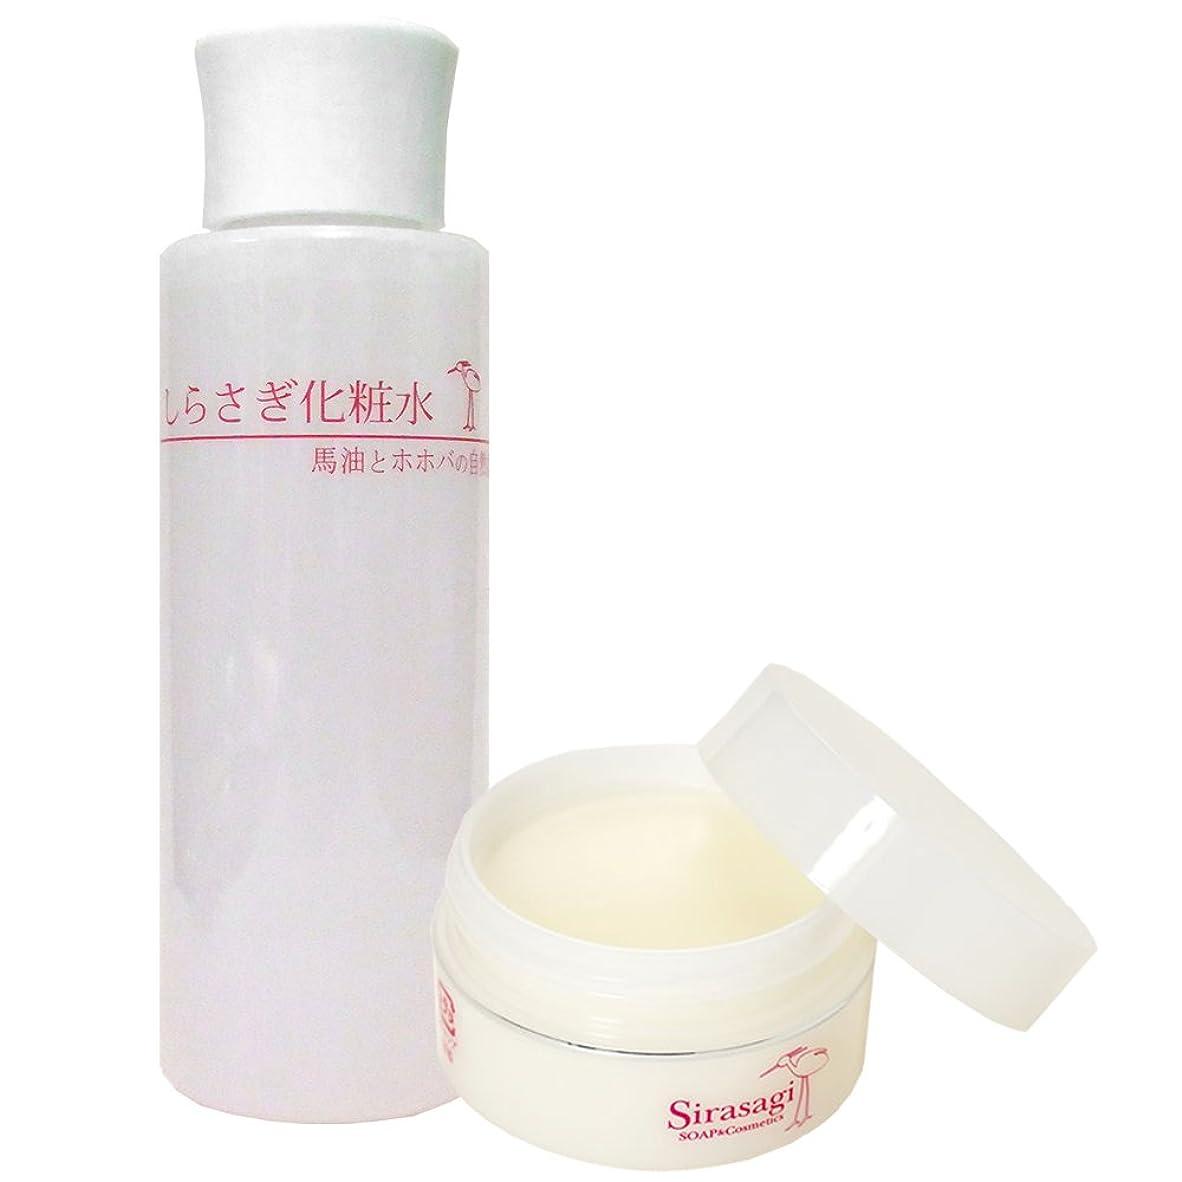 好意スラム良心しらさぎクリーム(無香料)としらさぎ化粧水のセット